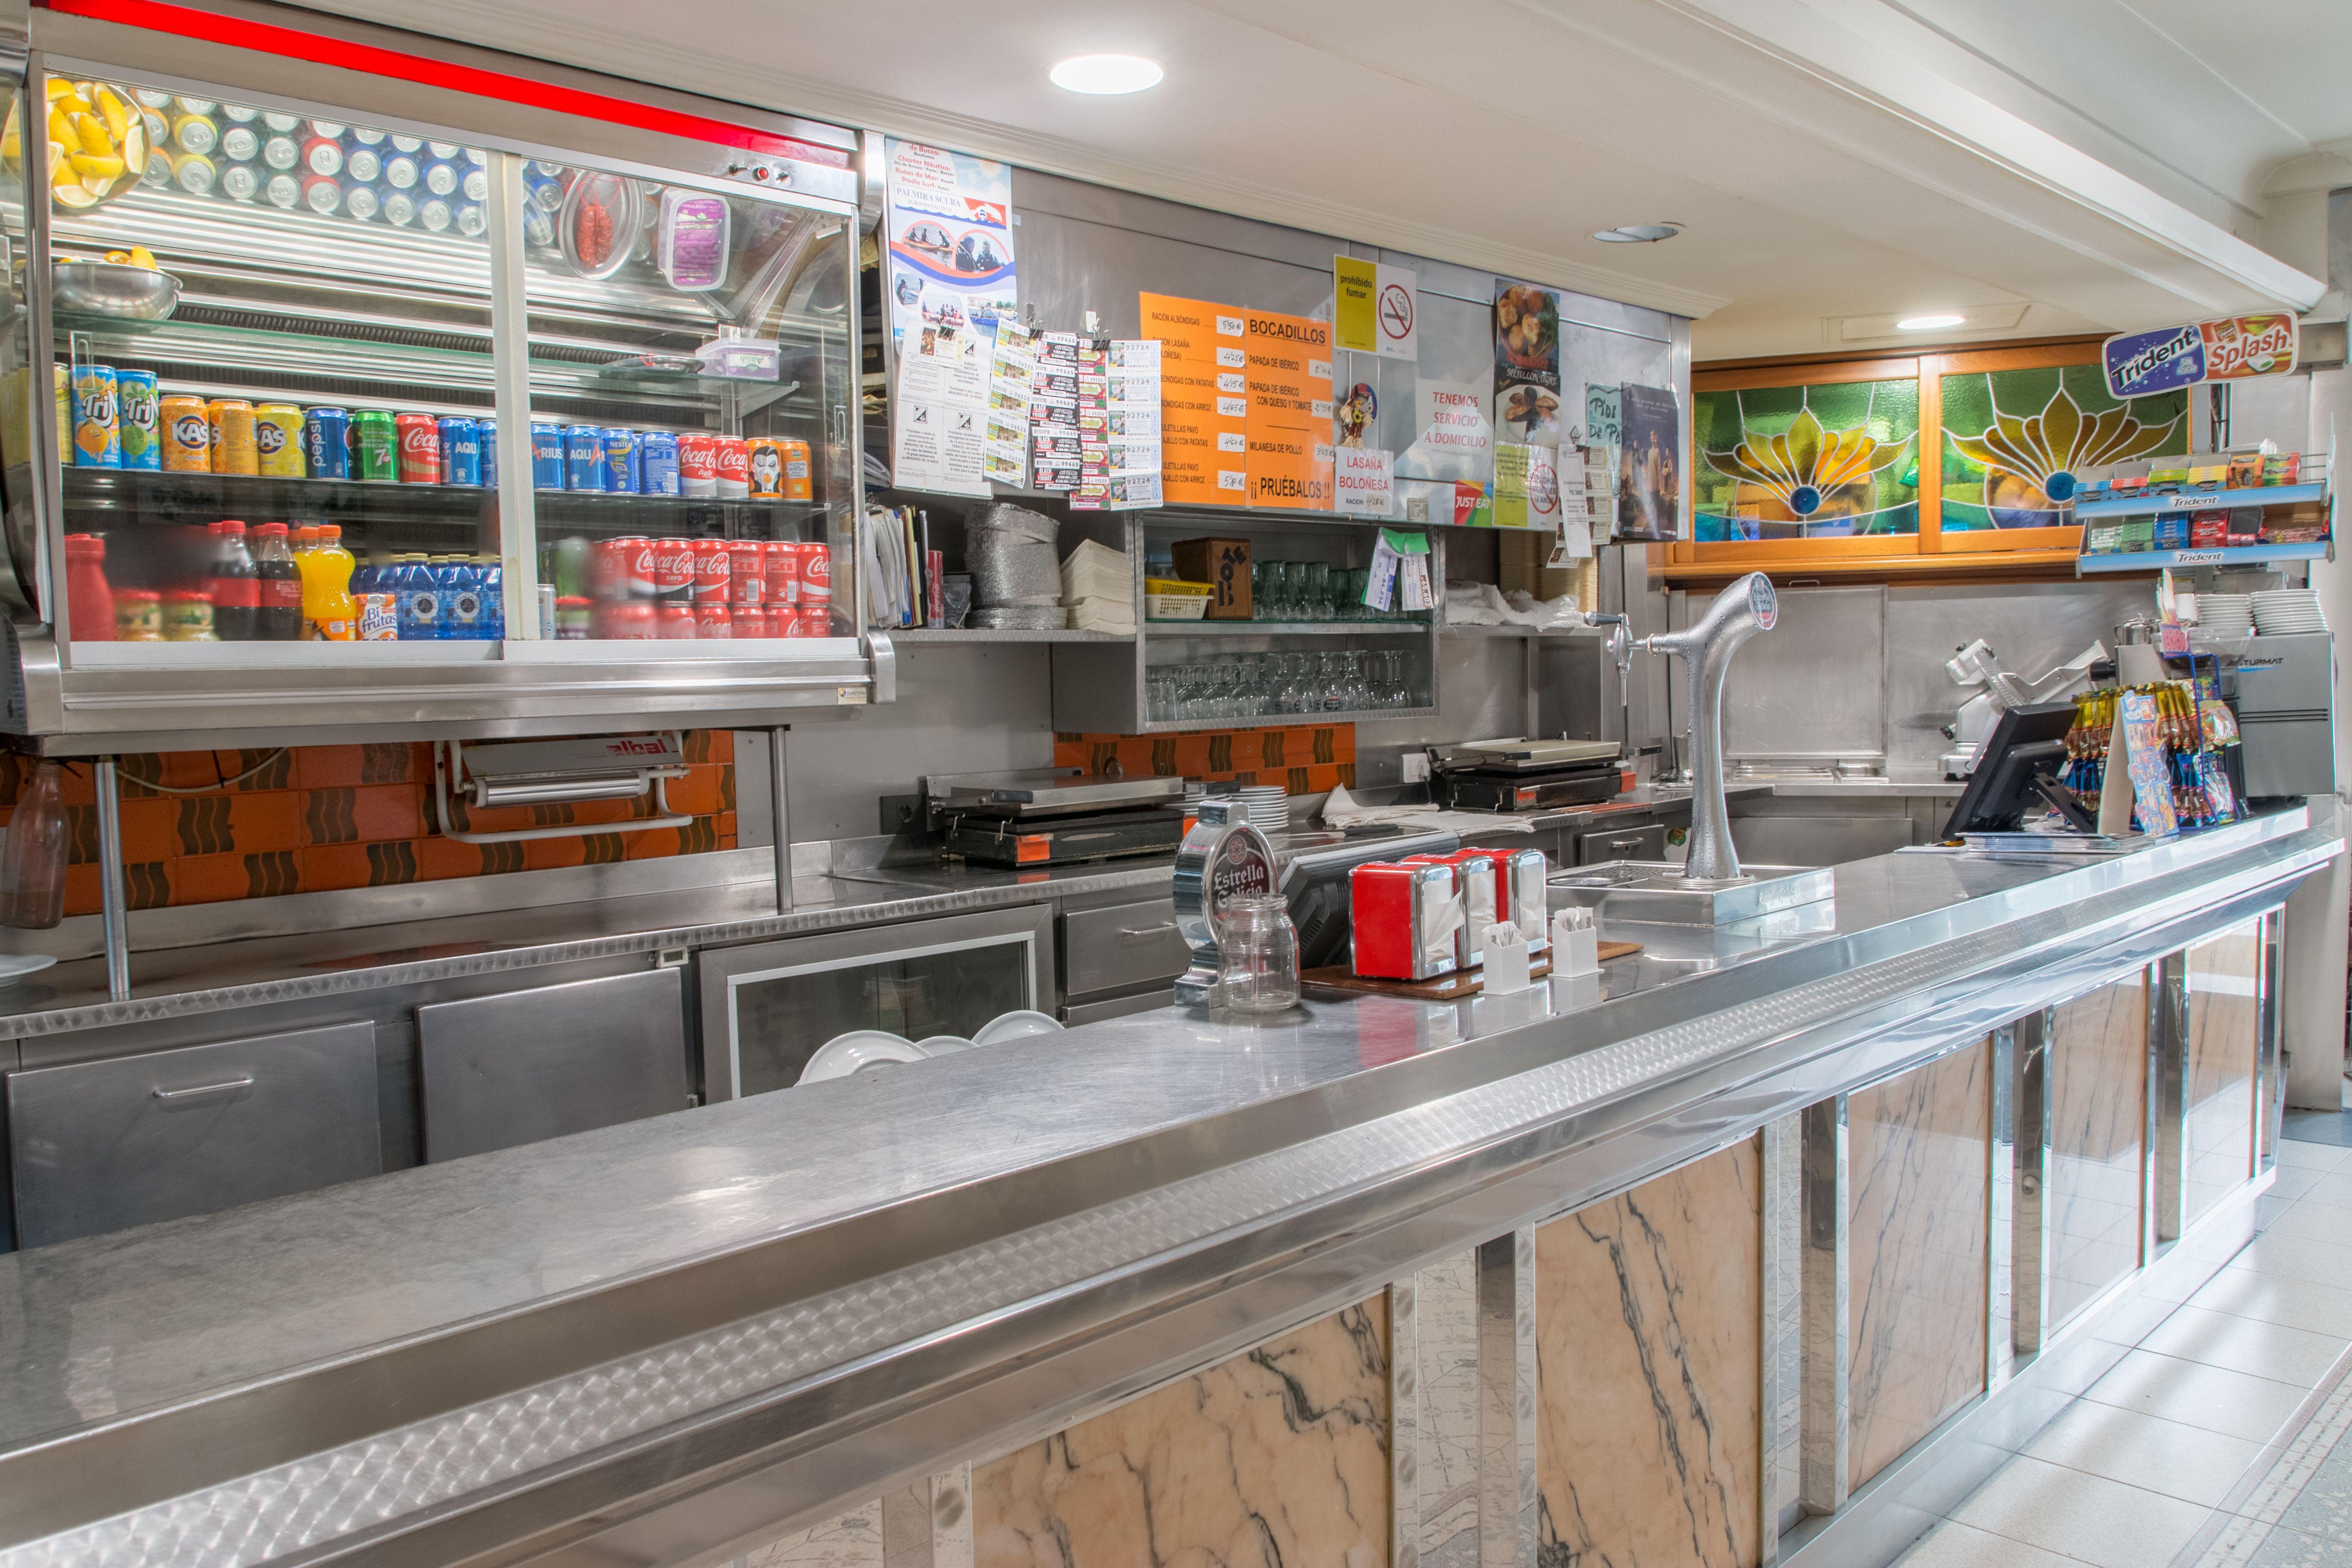 Foto 2 de Establecimiento con una amplia variedad en bocadillos, pollos asados, sándwiches y hamburguesas en Santiago de Compostela   O Rei Do Bocadillo